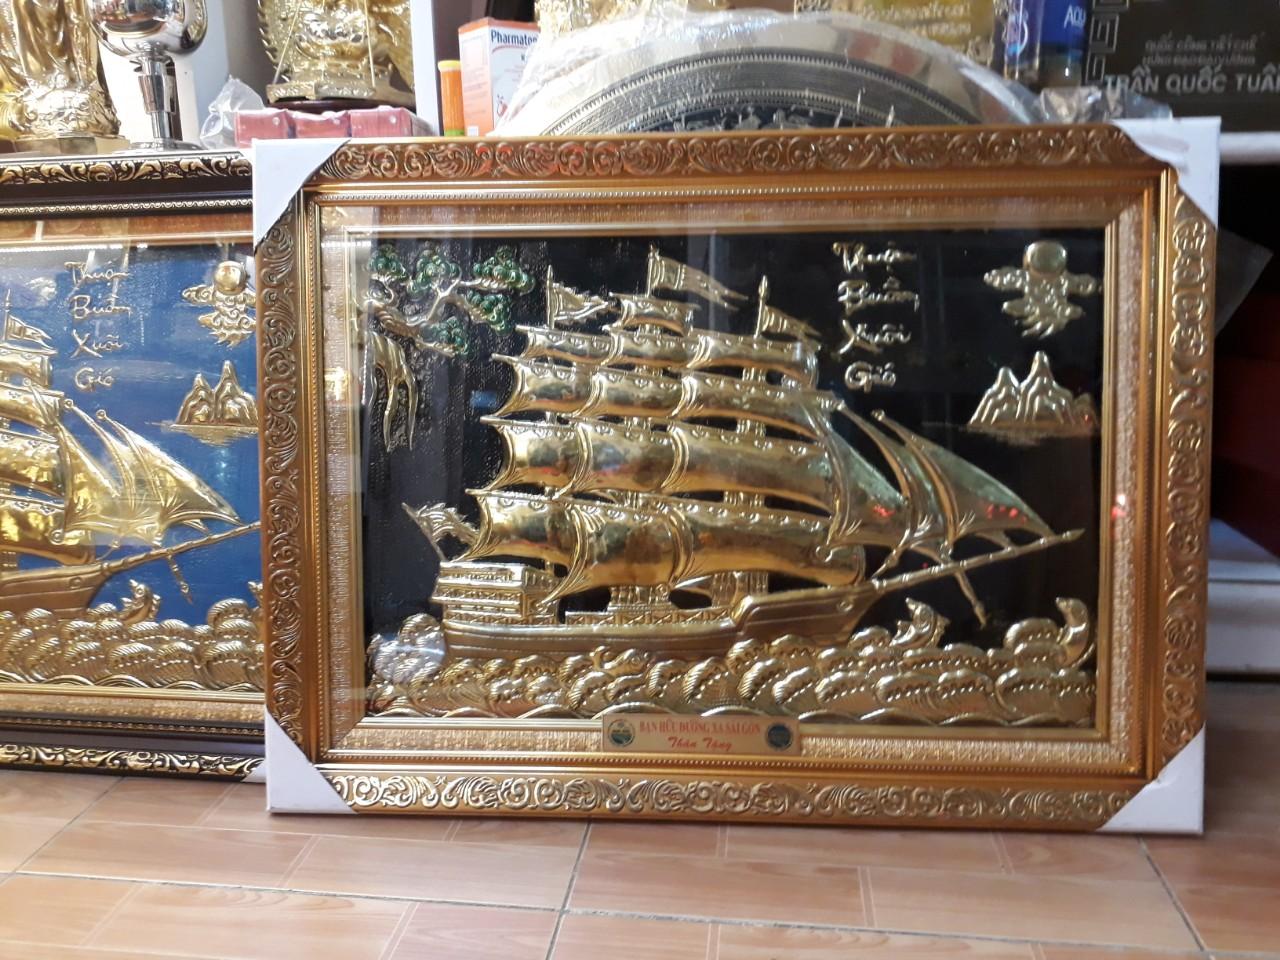 Tranh đồng phong thủy Thuận Buồm Xuôi Gió cỡ nhỏ làm quà tặng lưu niệm